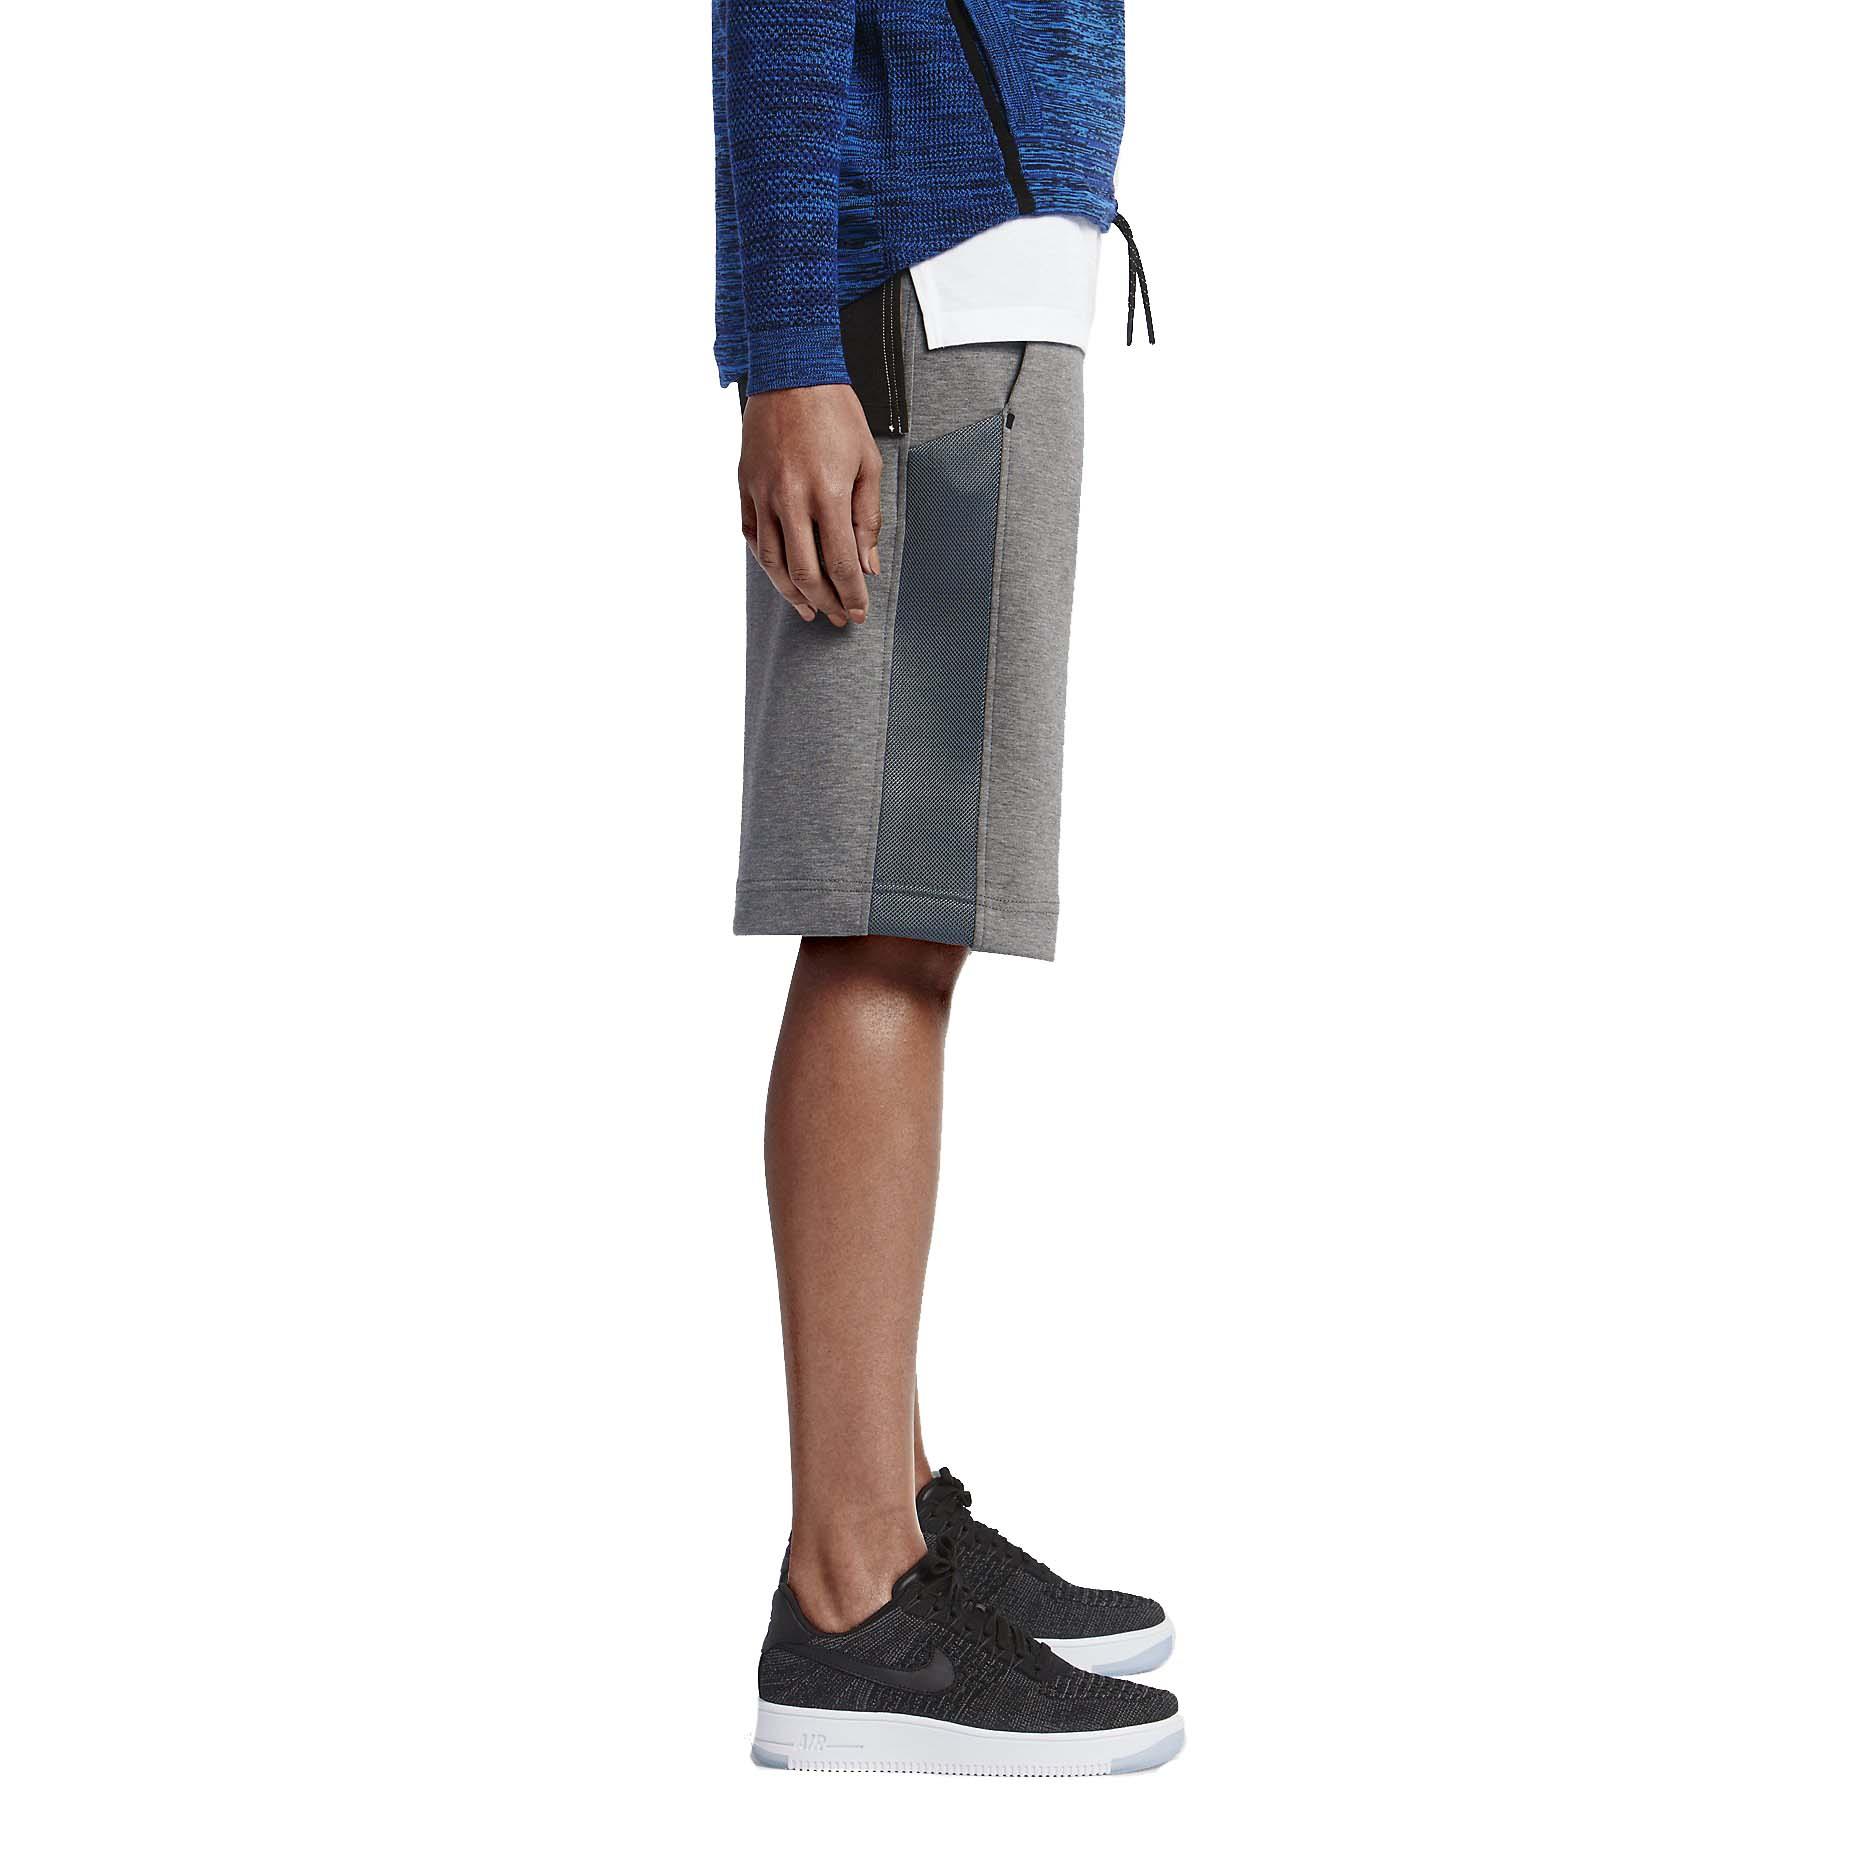 Nike Women's Tech Fleece Mesh Sport Casual Shorts | eBay